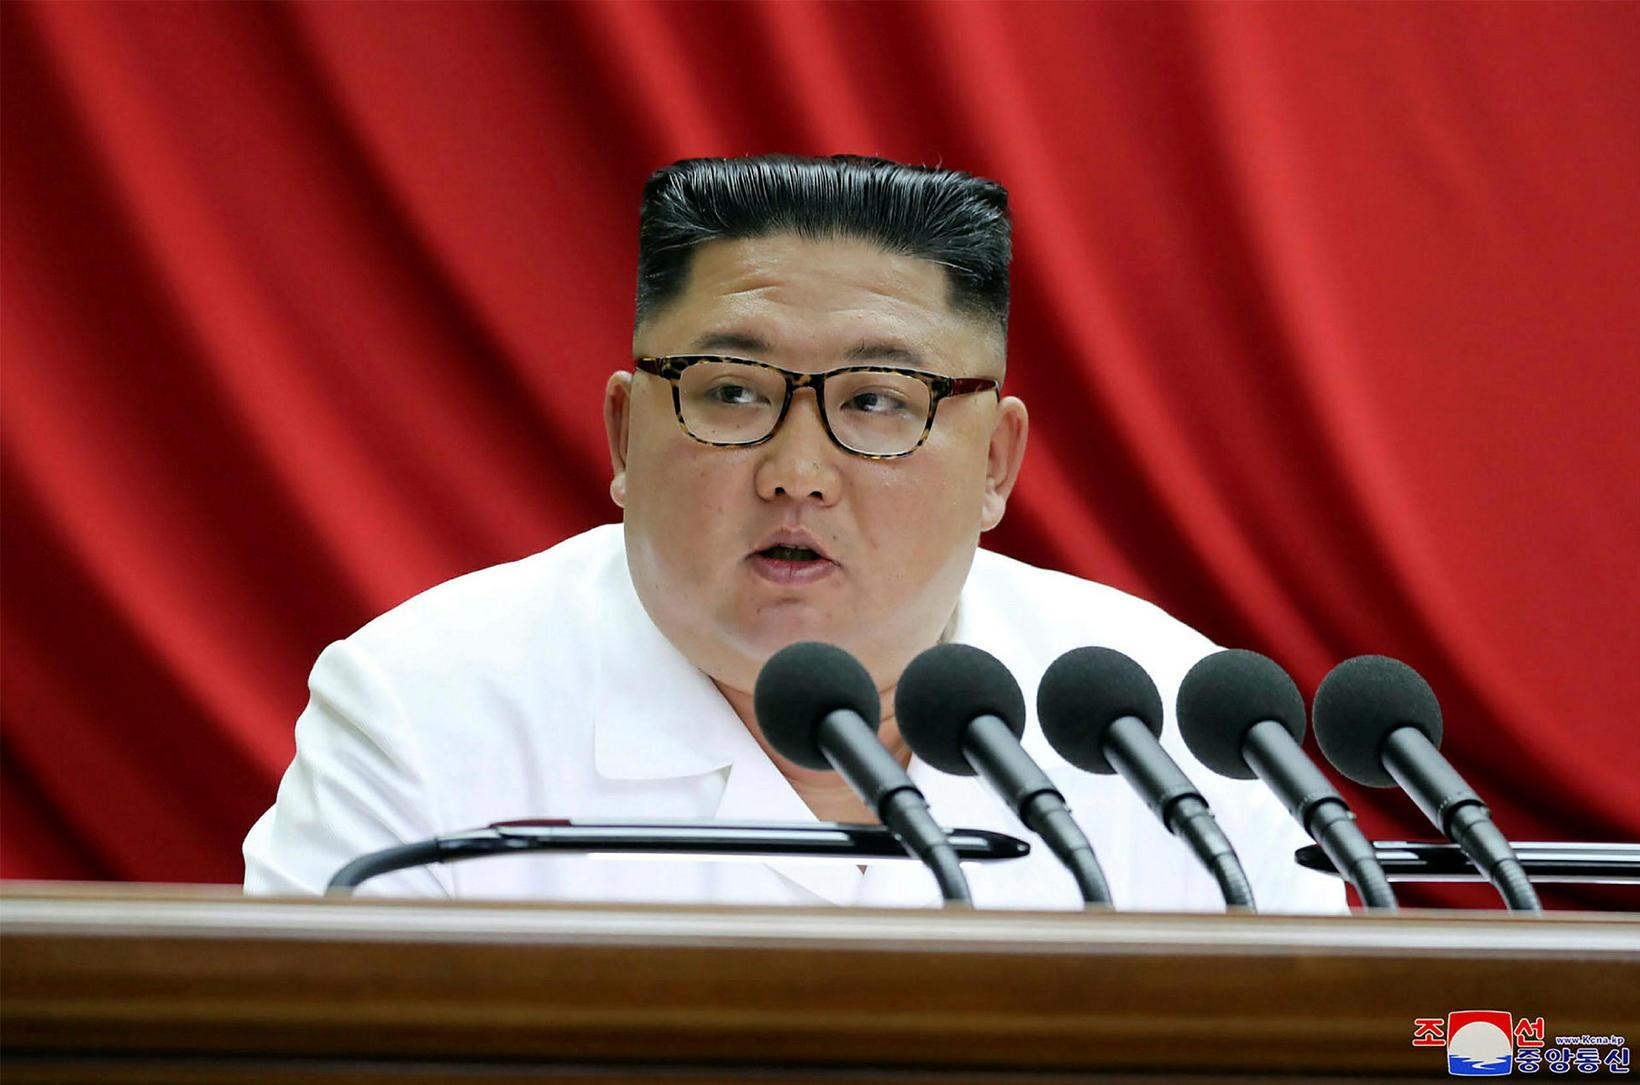 Kim Jong-un, leiðtogi Norður-Kóreu, fer í vígahug inn í nýtt …